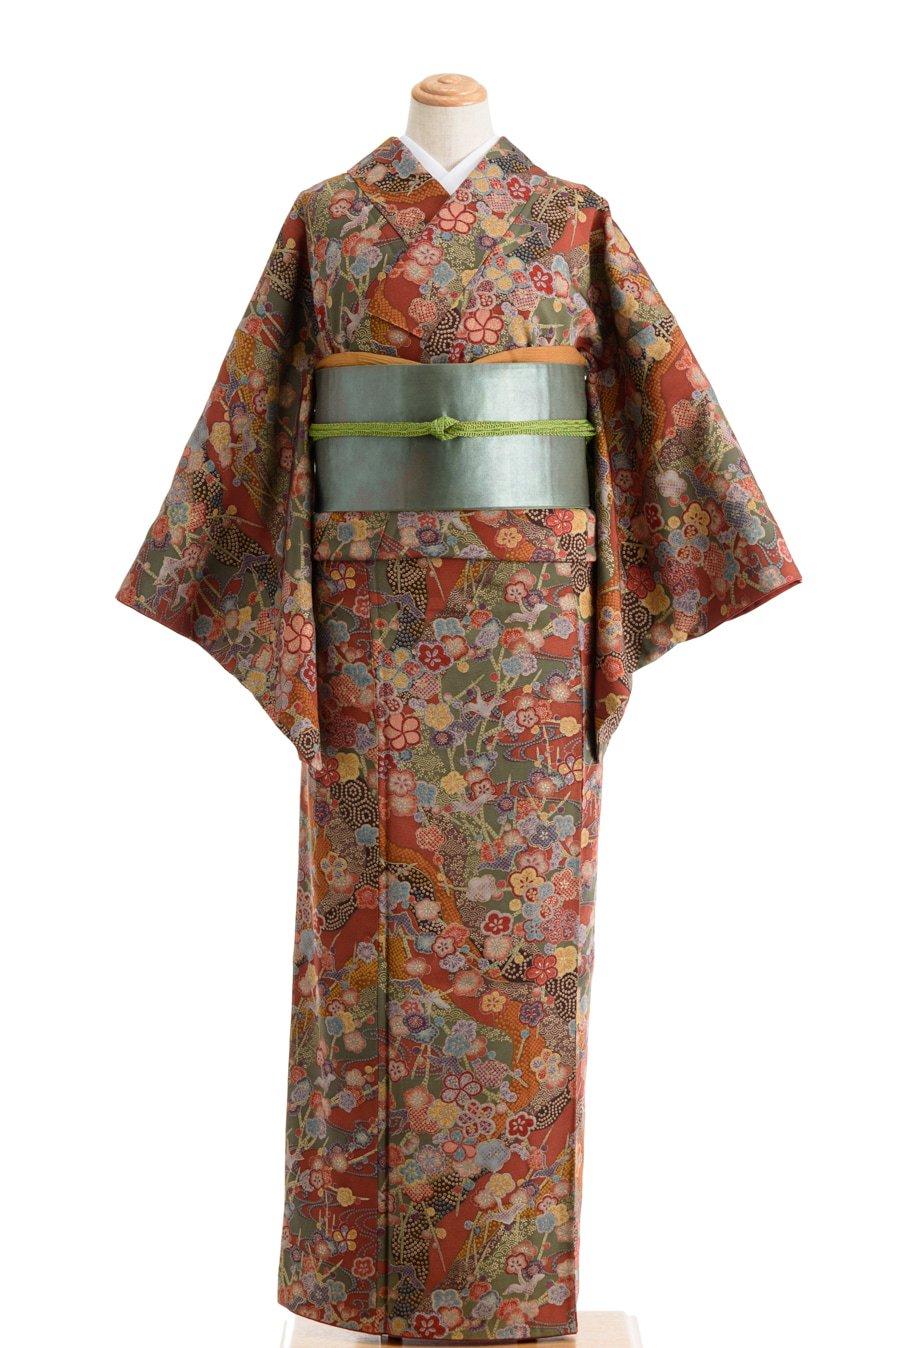 「赤茶地 梅と鶴」の商品画像